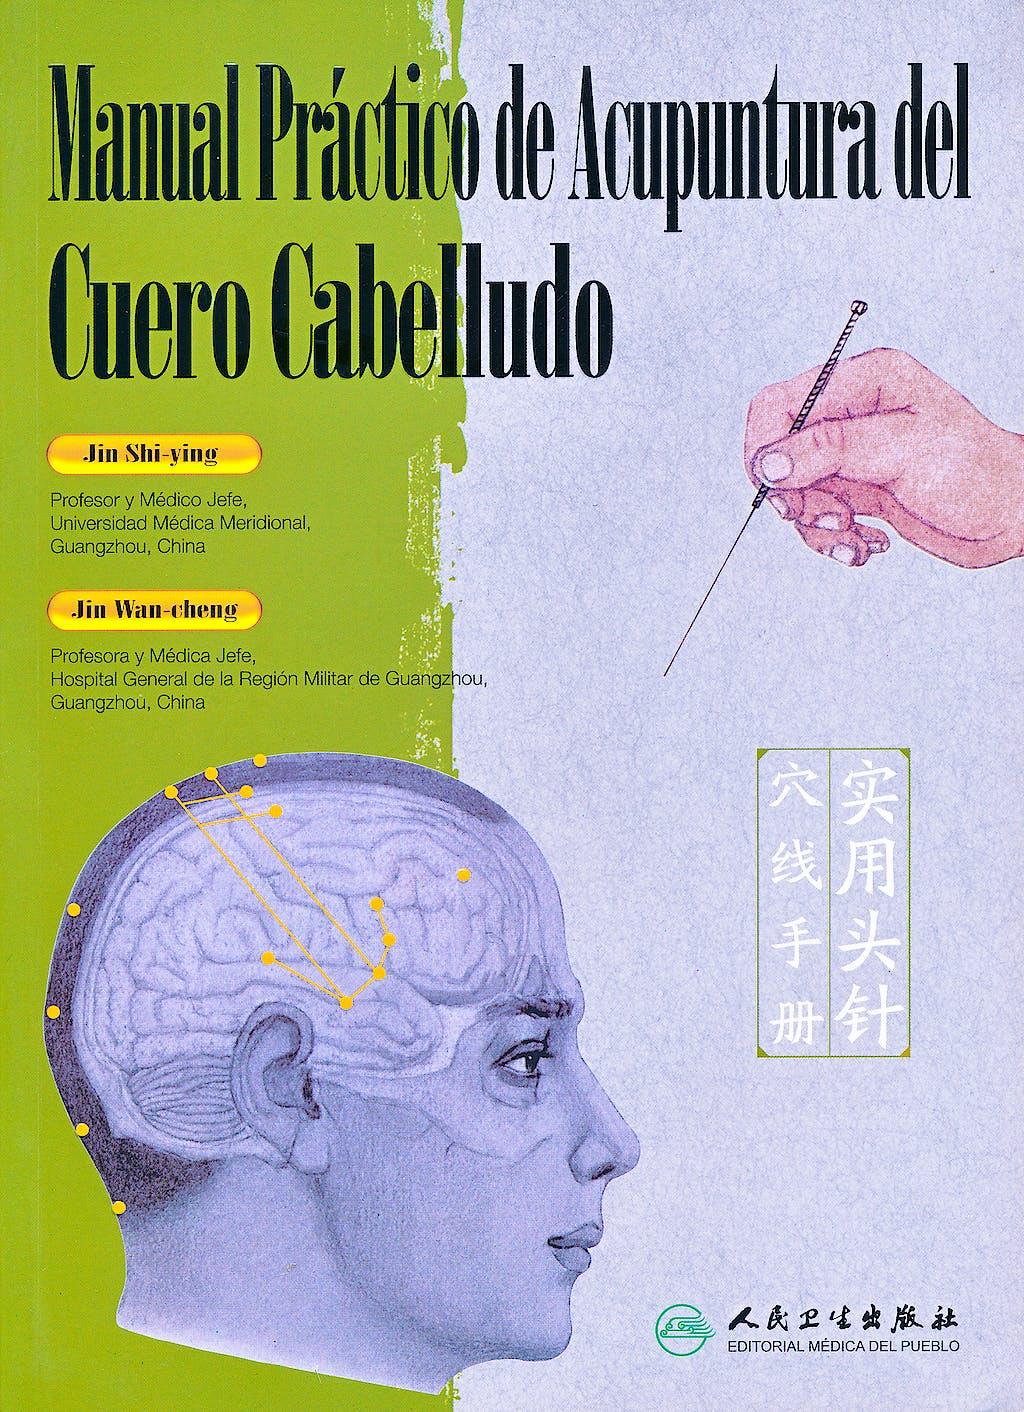 Producto: Manual Práctico de Acupuntura del Cuero Cabelludo